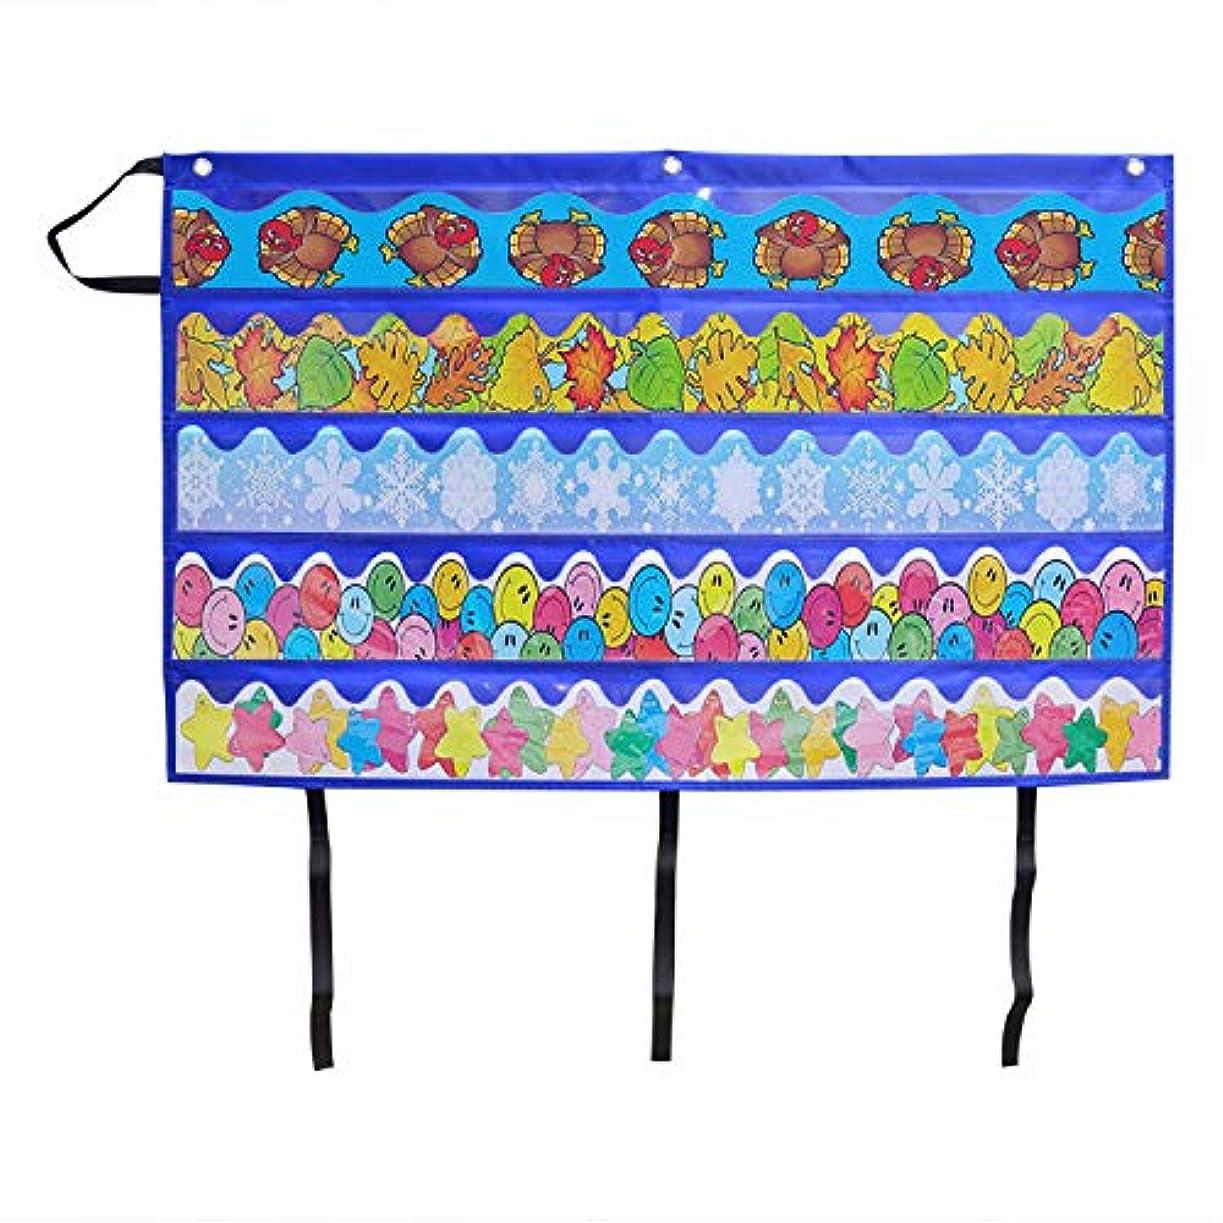 報奨金太陽誇りKruideey 標準ポケットチャート 学習資源折りたたみ式教室装飾